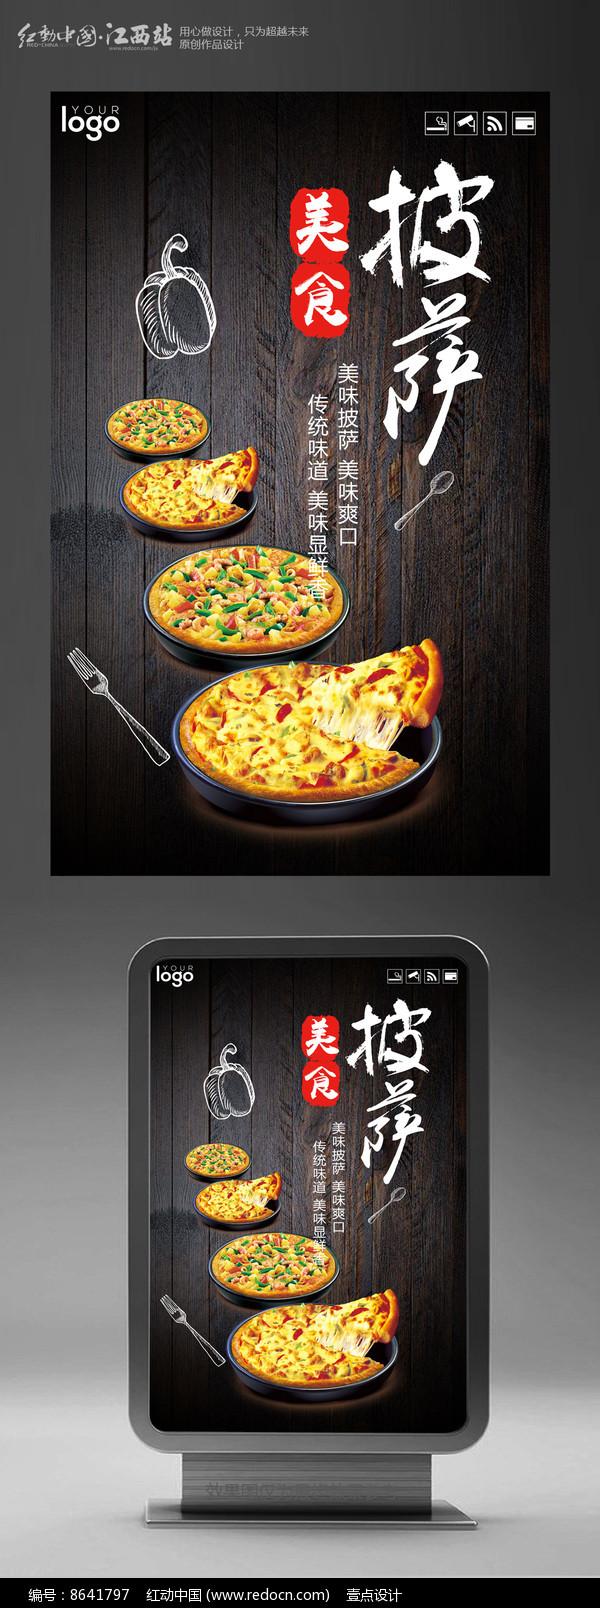 美味披萨促销海报设计图片